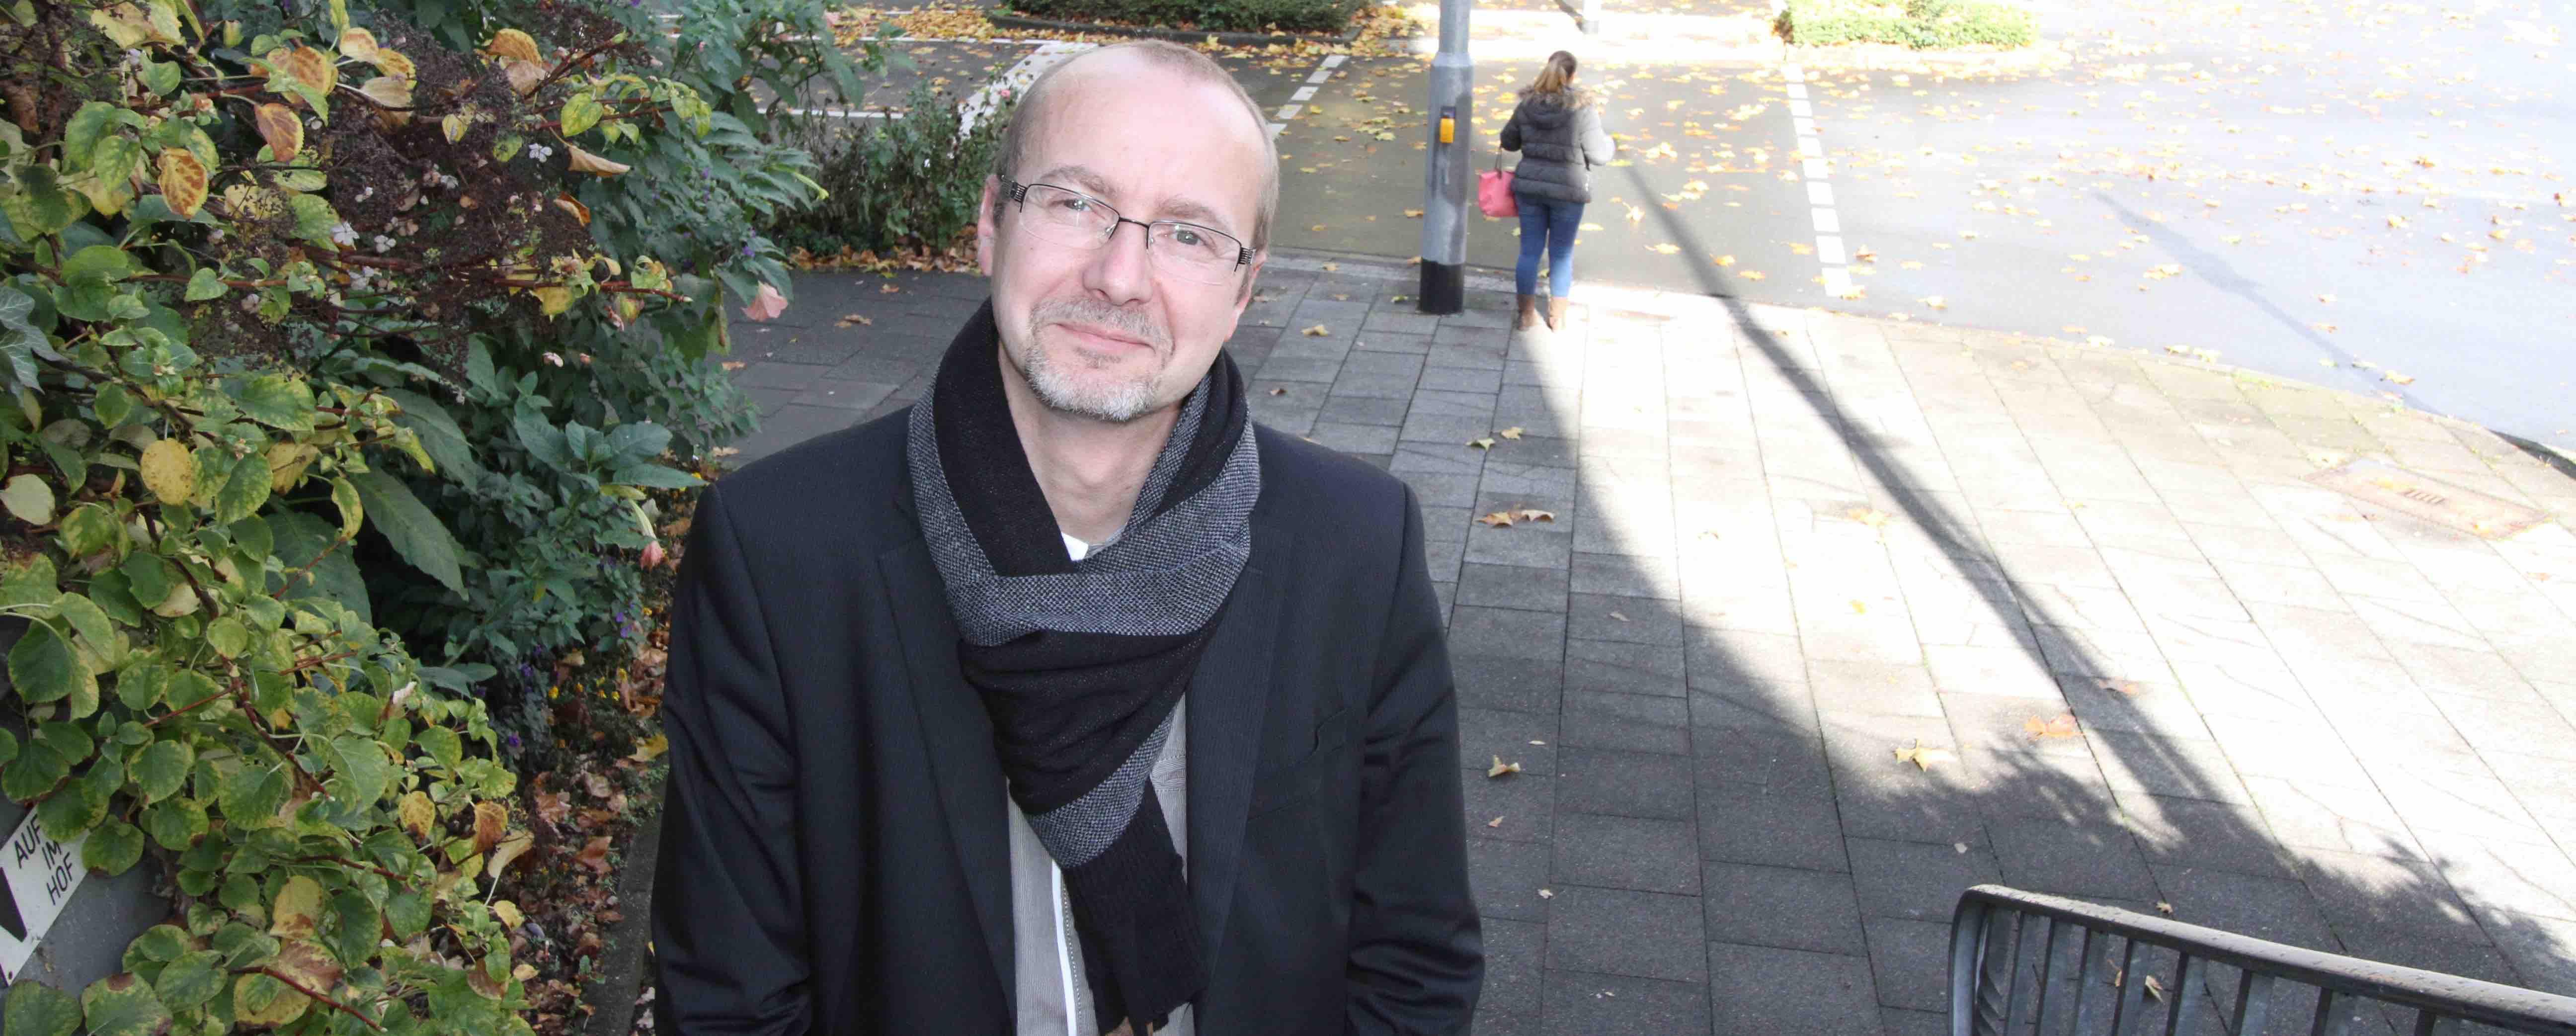 Michael Schneider ist der neue Leiter des Amtes für Soziales und Integration